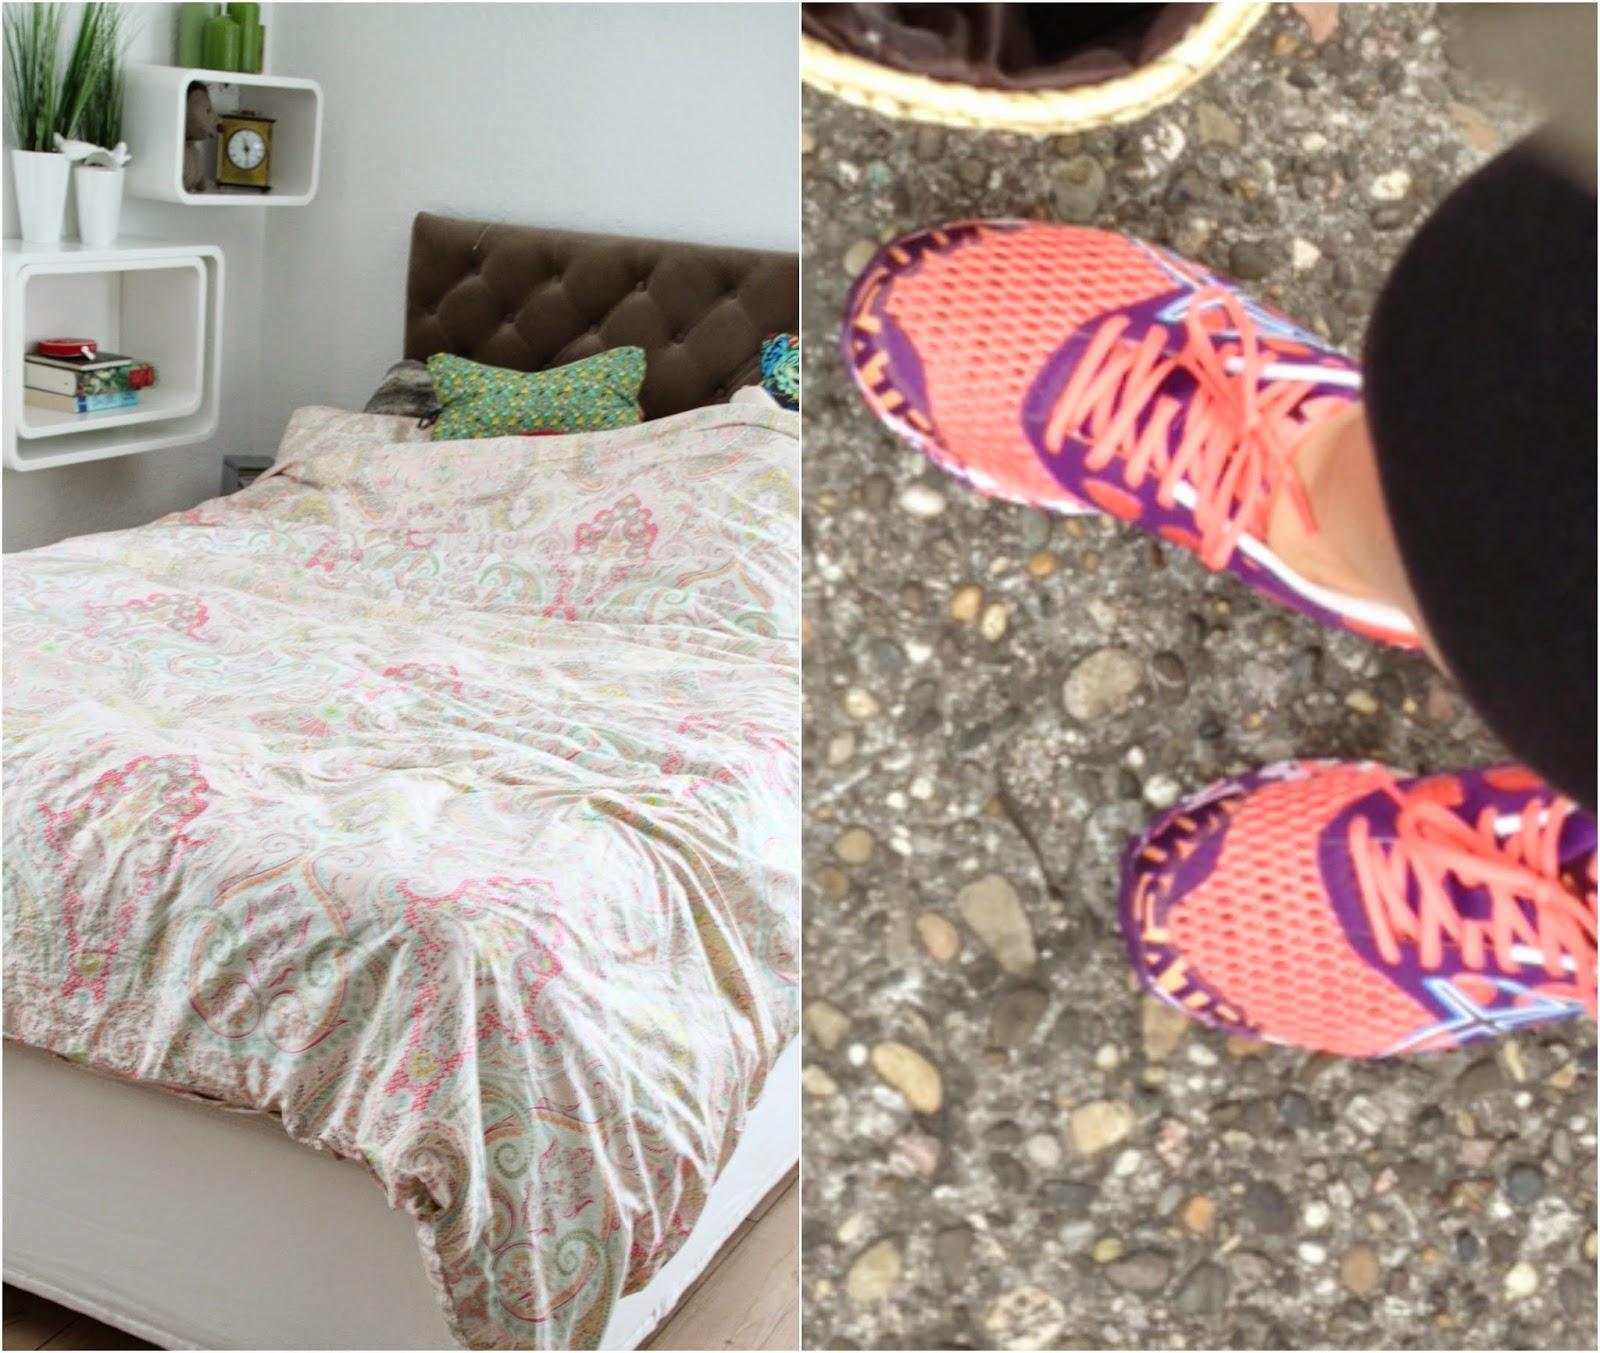 neue Bettwäsche und neue Sportschuhe